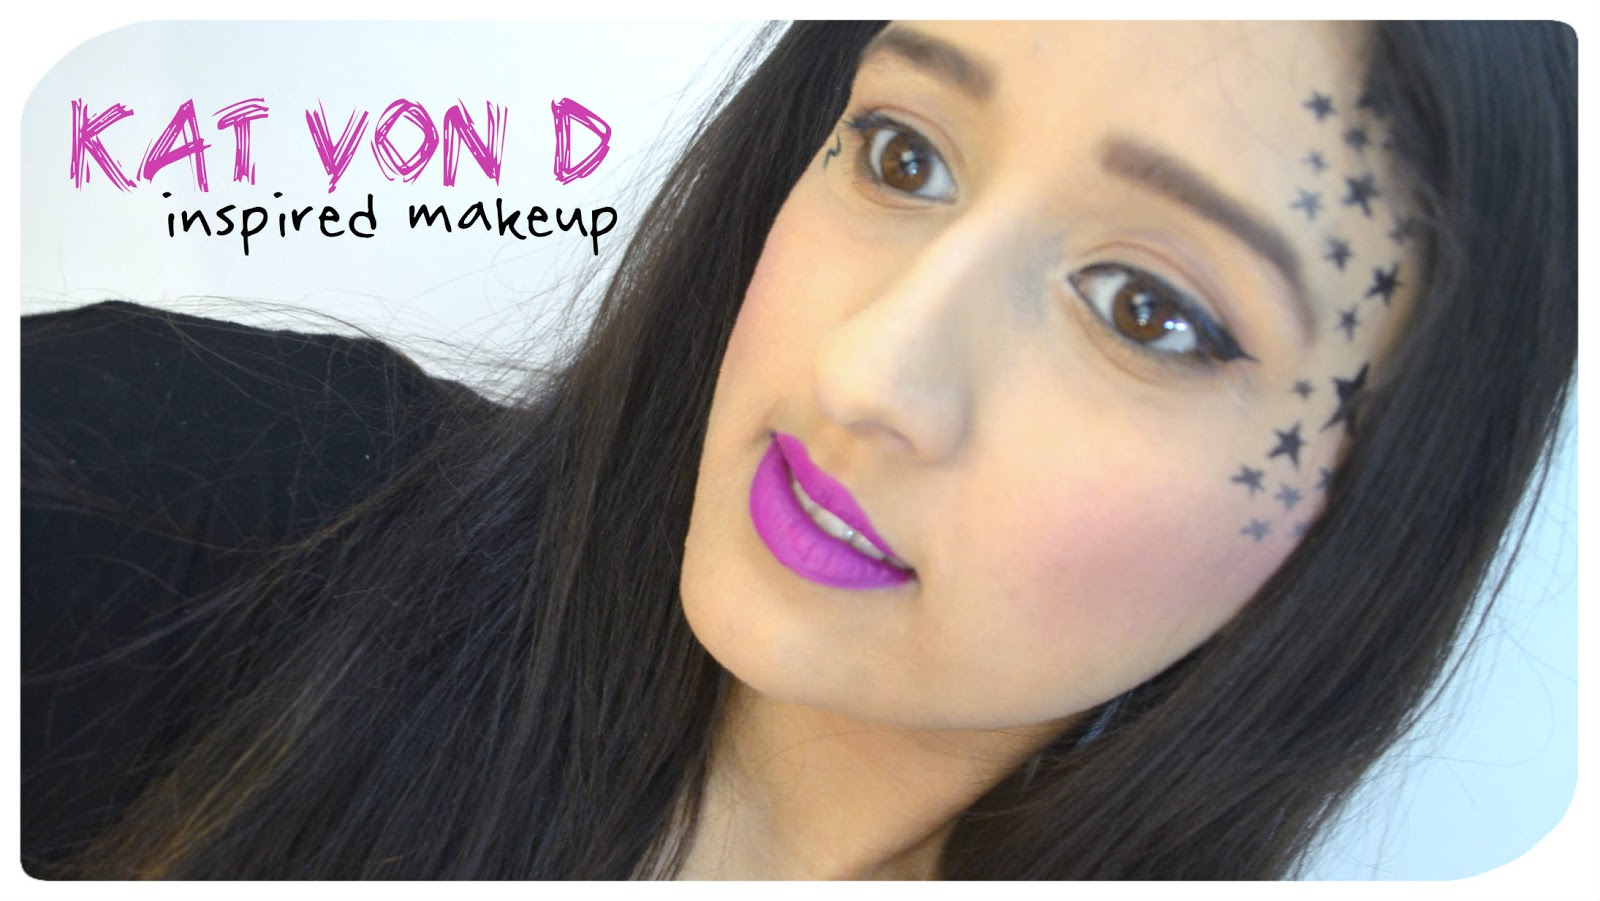 Kat von d makeup line